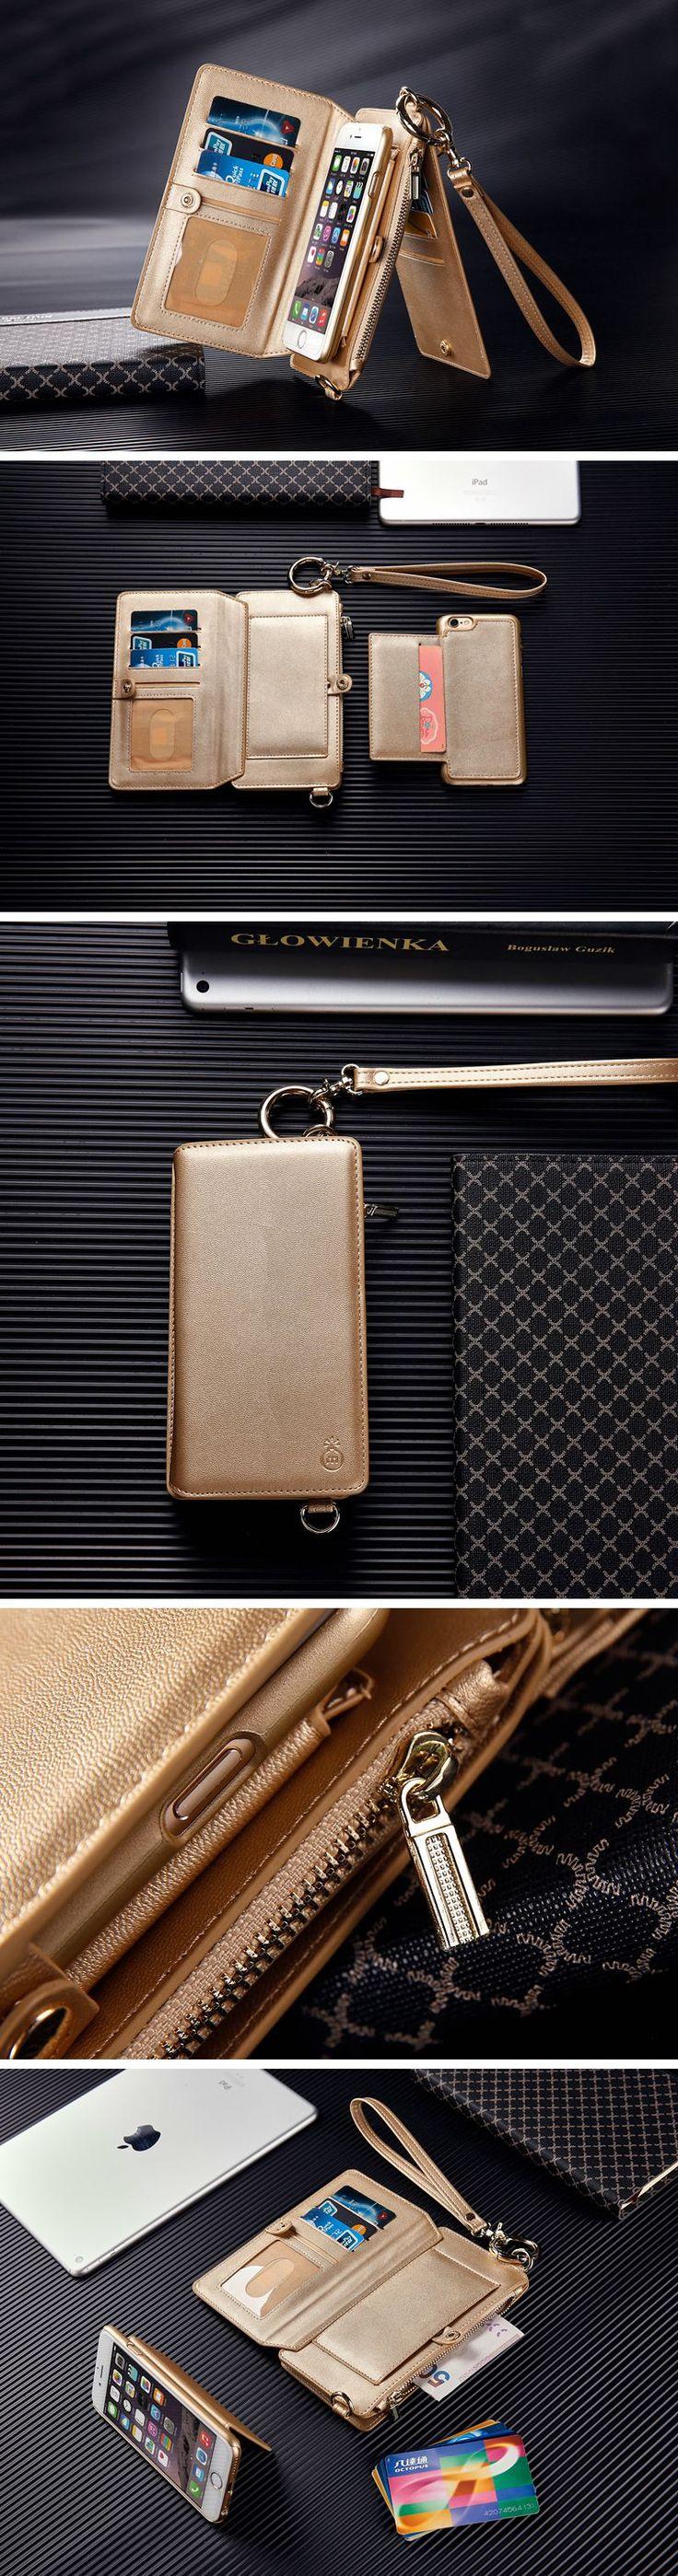 Removable Leather Wallet Holder Filp Card Case Shoulder Bag Purse For iPhone 7